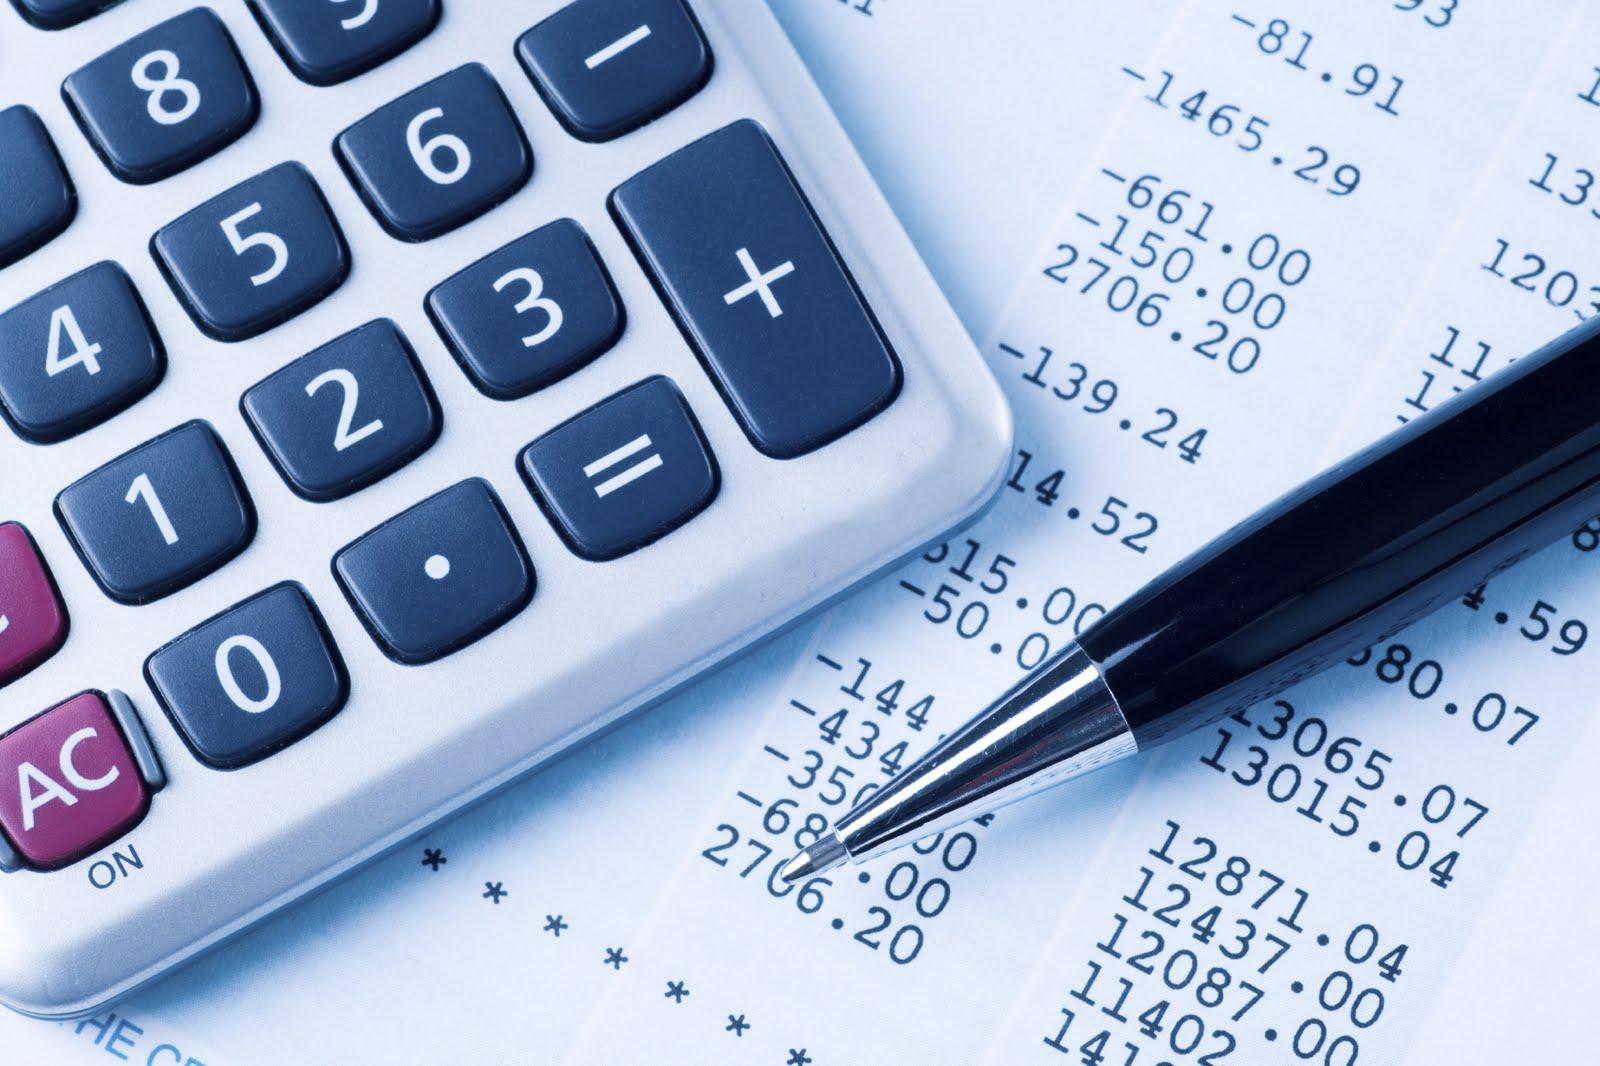 В Антимонопольной службе заявляют о проблемах с тарифами в Прикамье